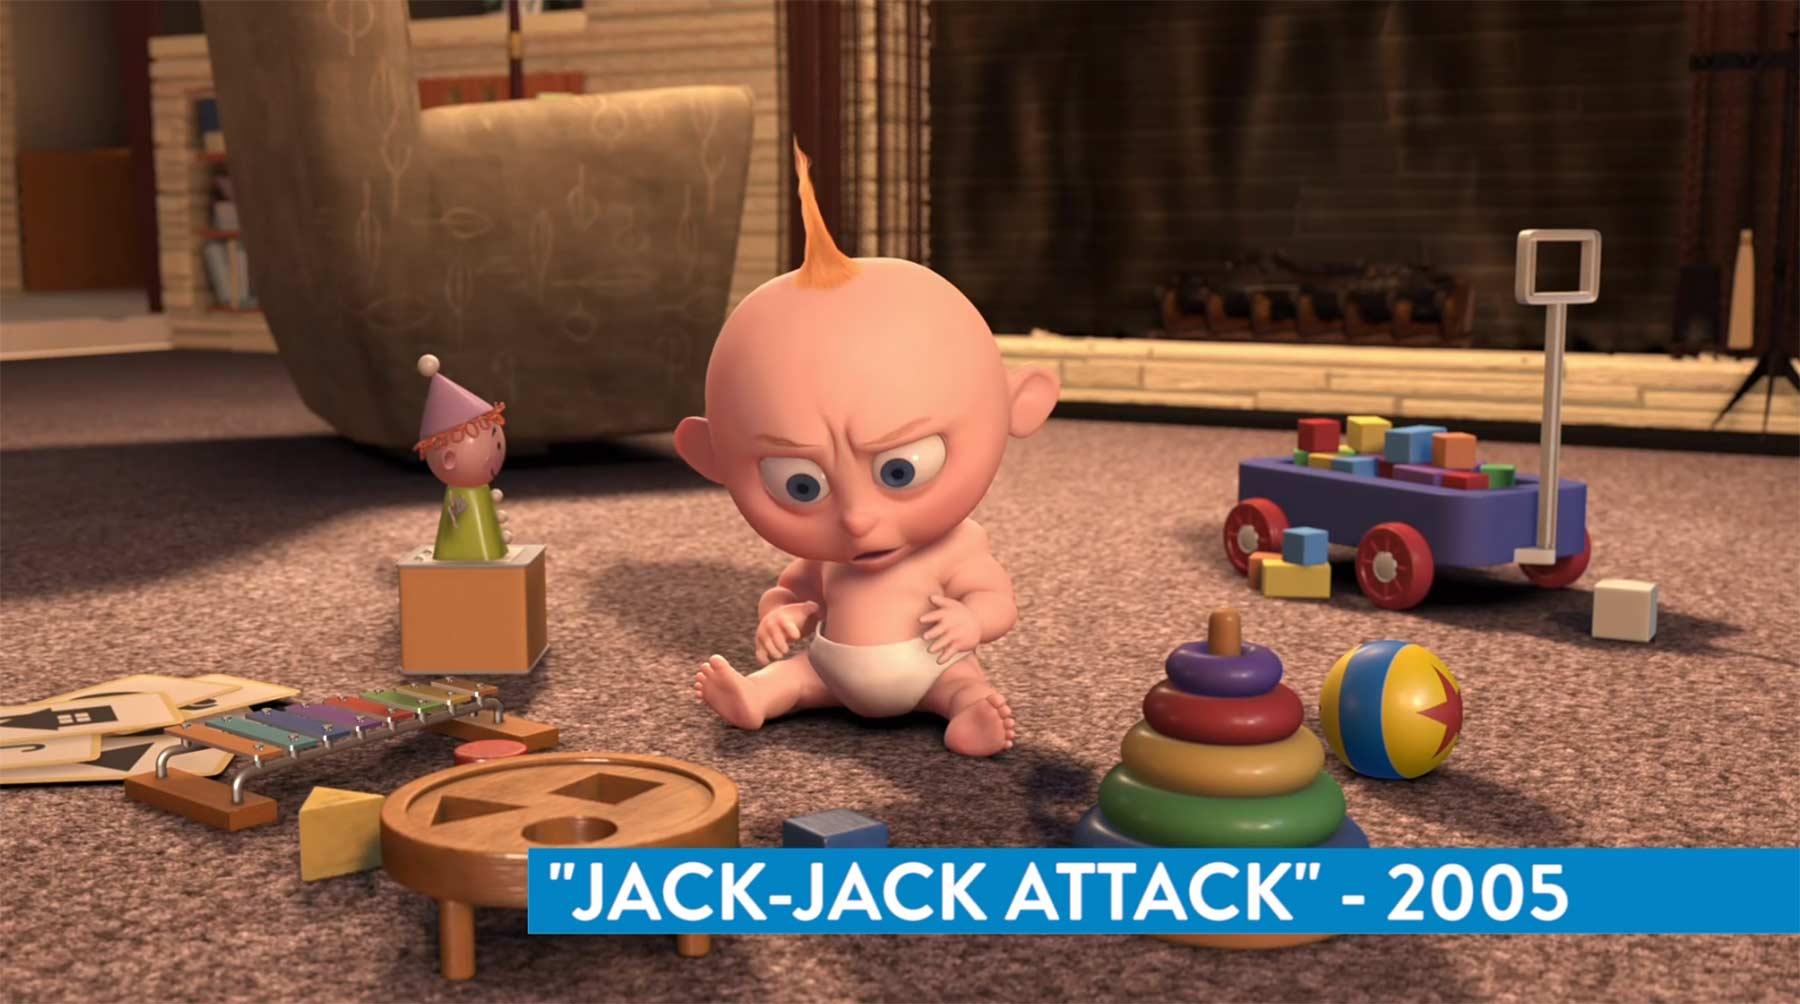 Der Luxo Ball war in so ziemlich allen Pixar-Filmen zu sehen disney-pixar-luxo-ball-easter-egg